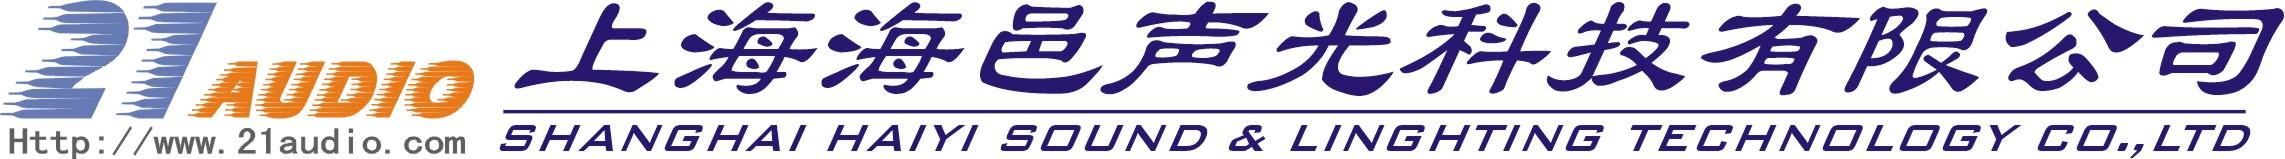 上海海邑声光科技有限公司